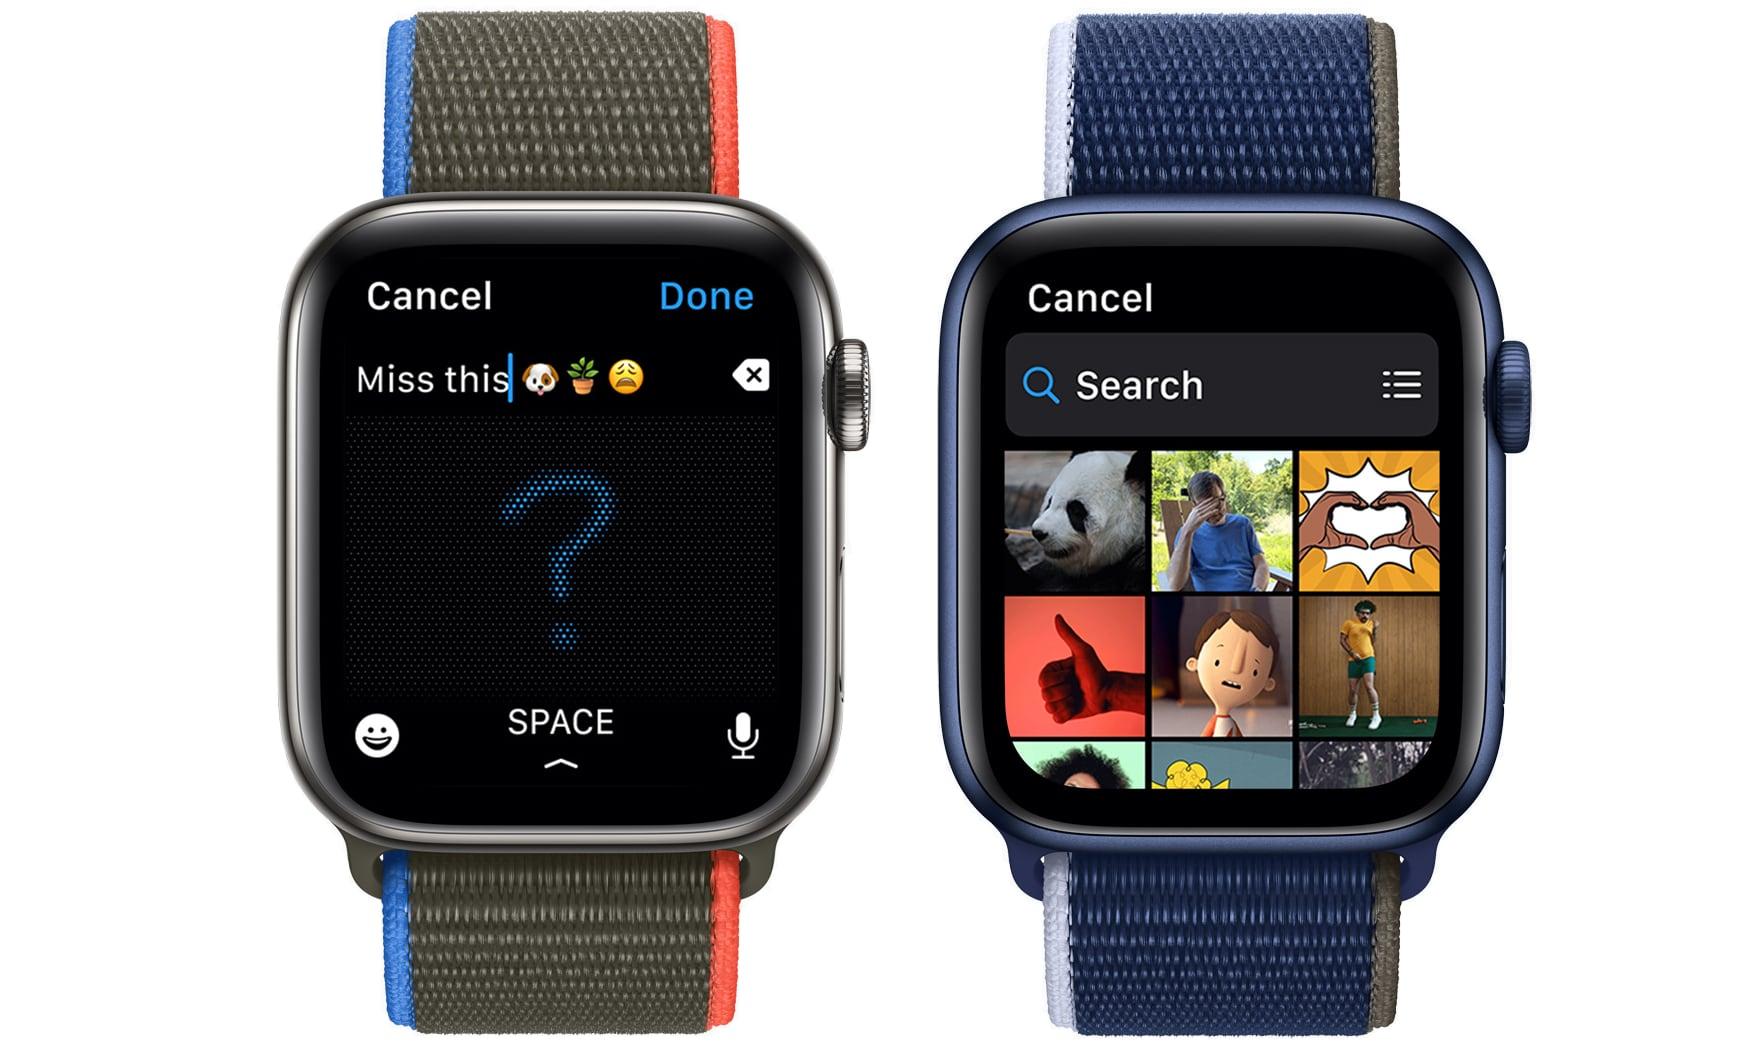 watchos 8 messages app